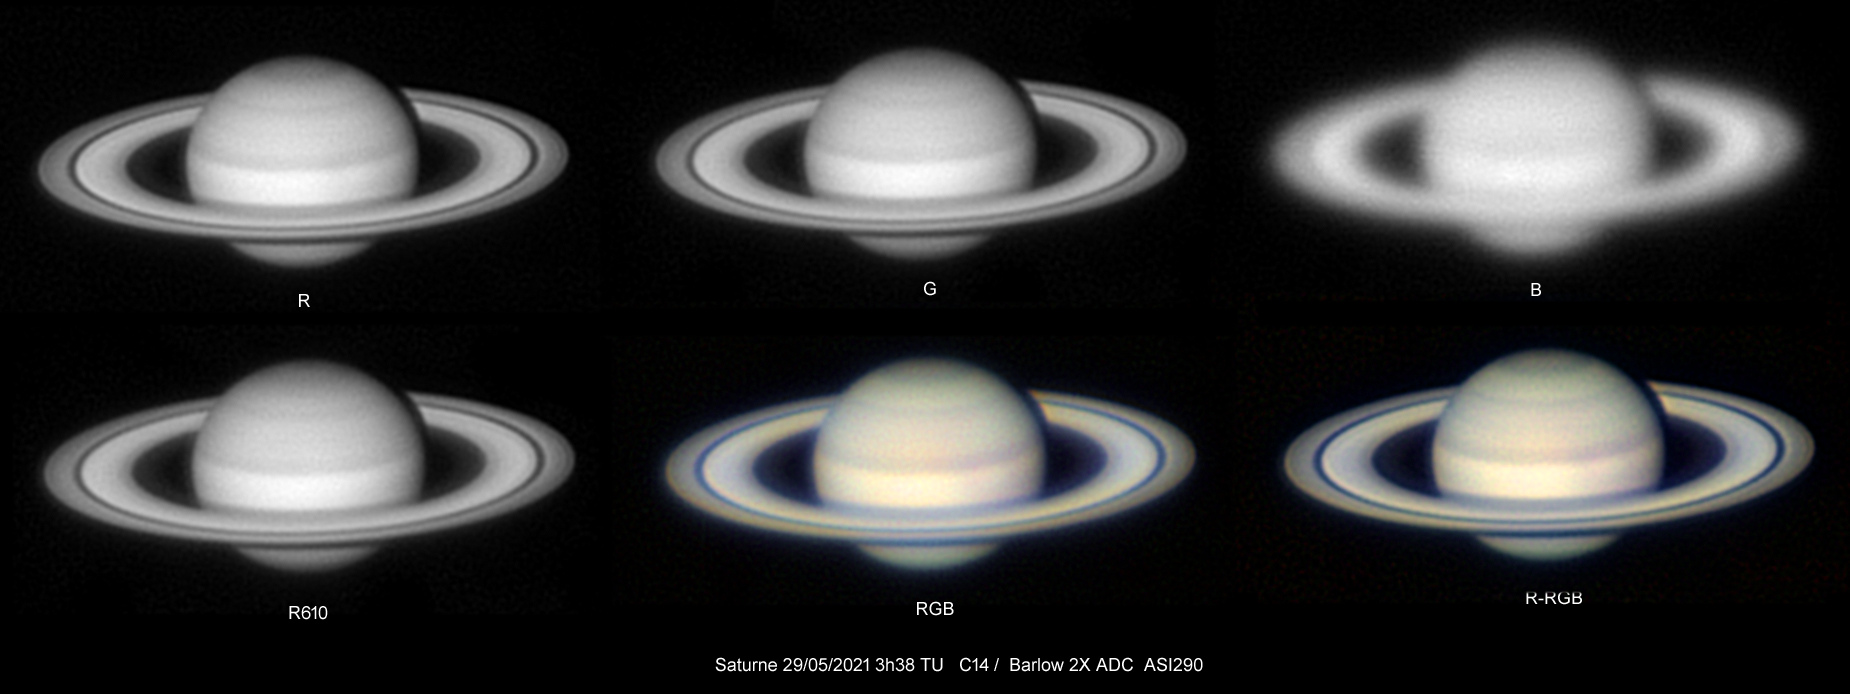 SAT_29-05-2021-PLANCHE.jpg.0e3ee9e8ccb597dc9e32a3c356416c10.jpg